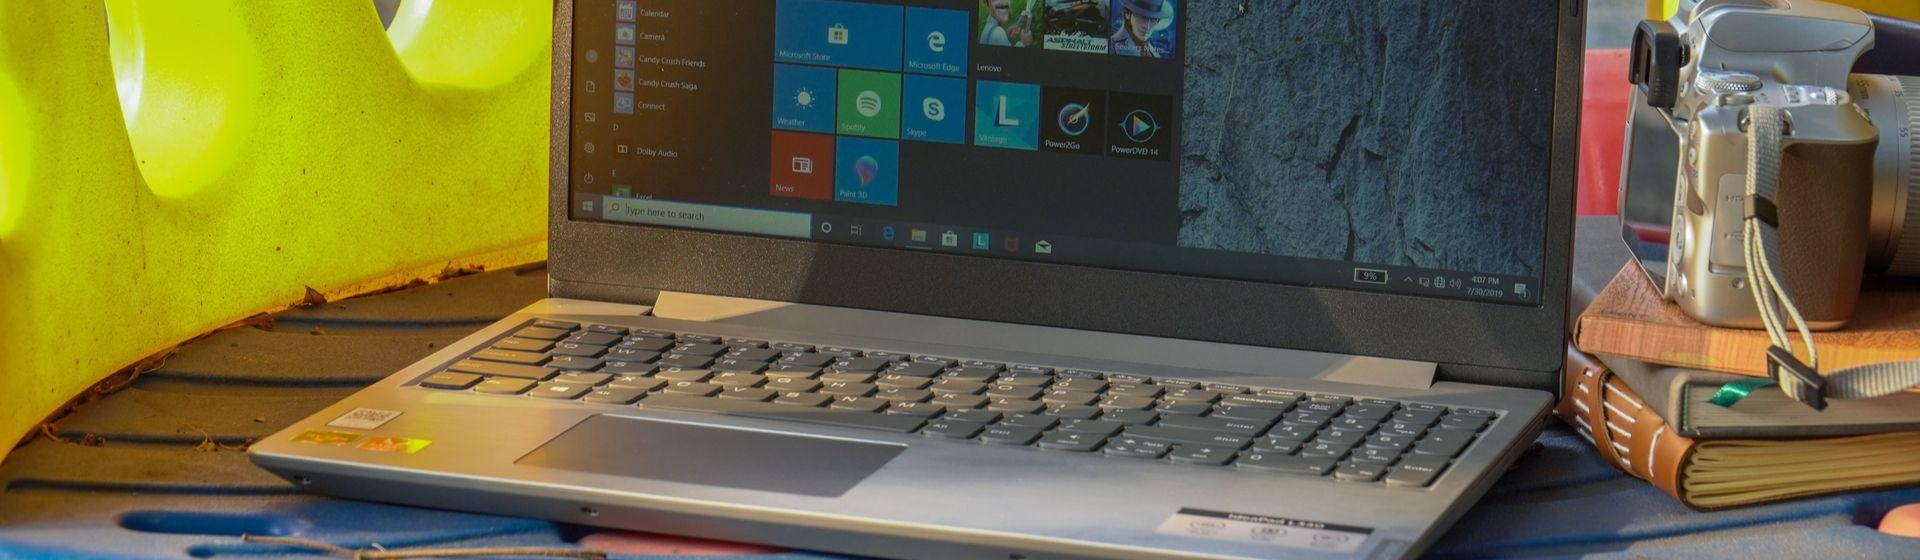 Os 10 notebooks mais vendidos em maio de 2020: IdeaPad S145 é líder